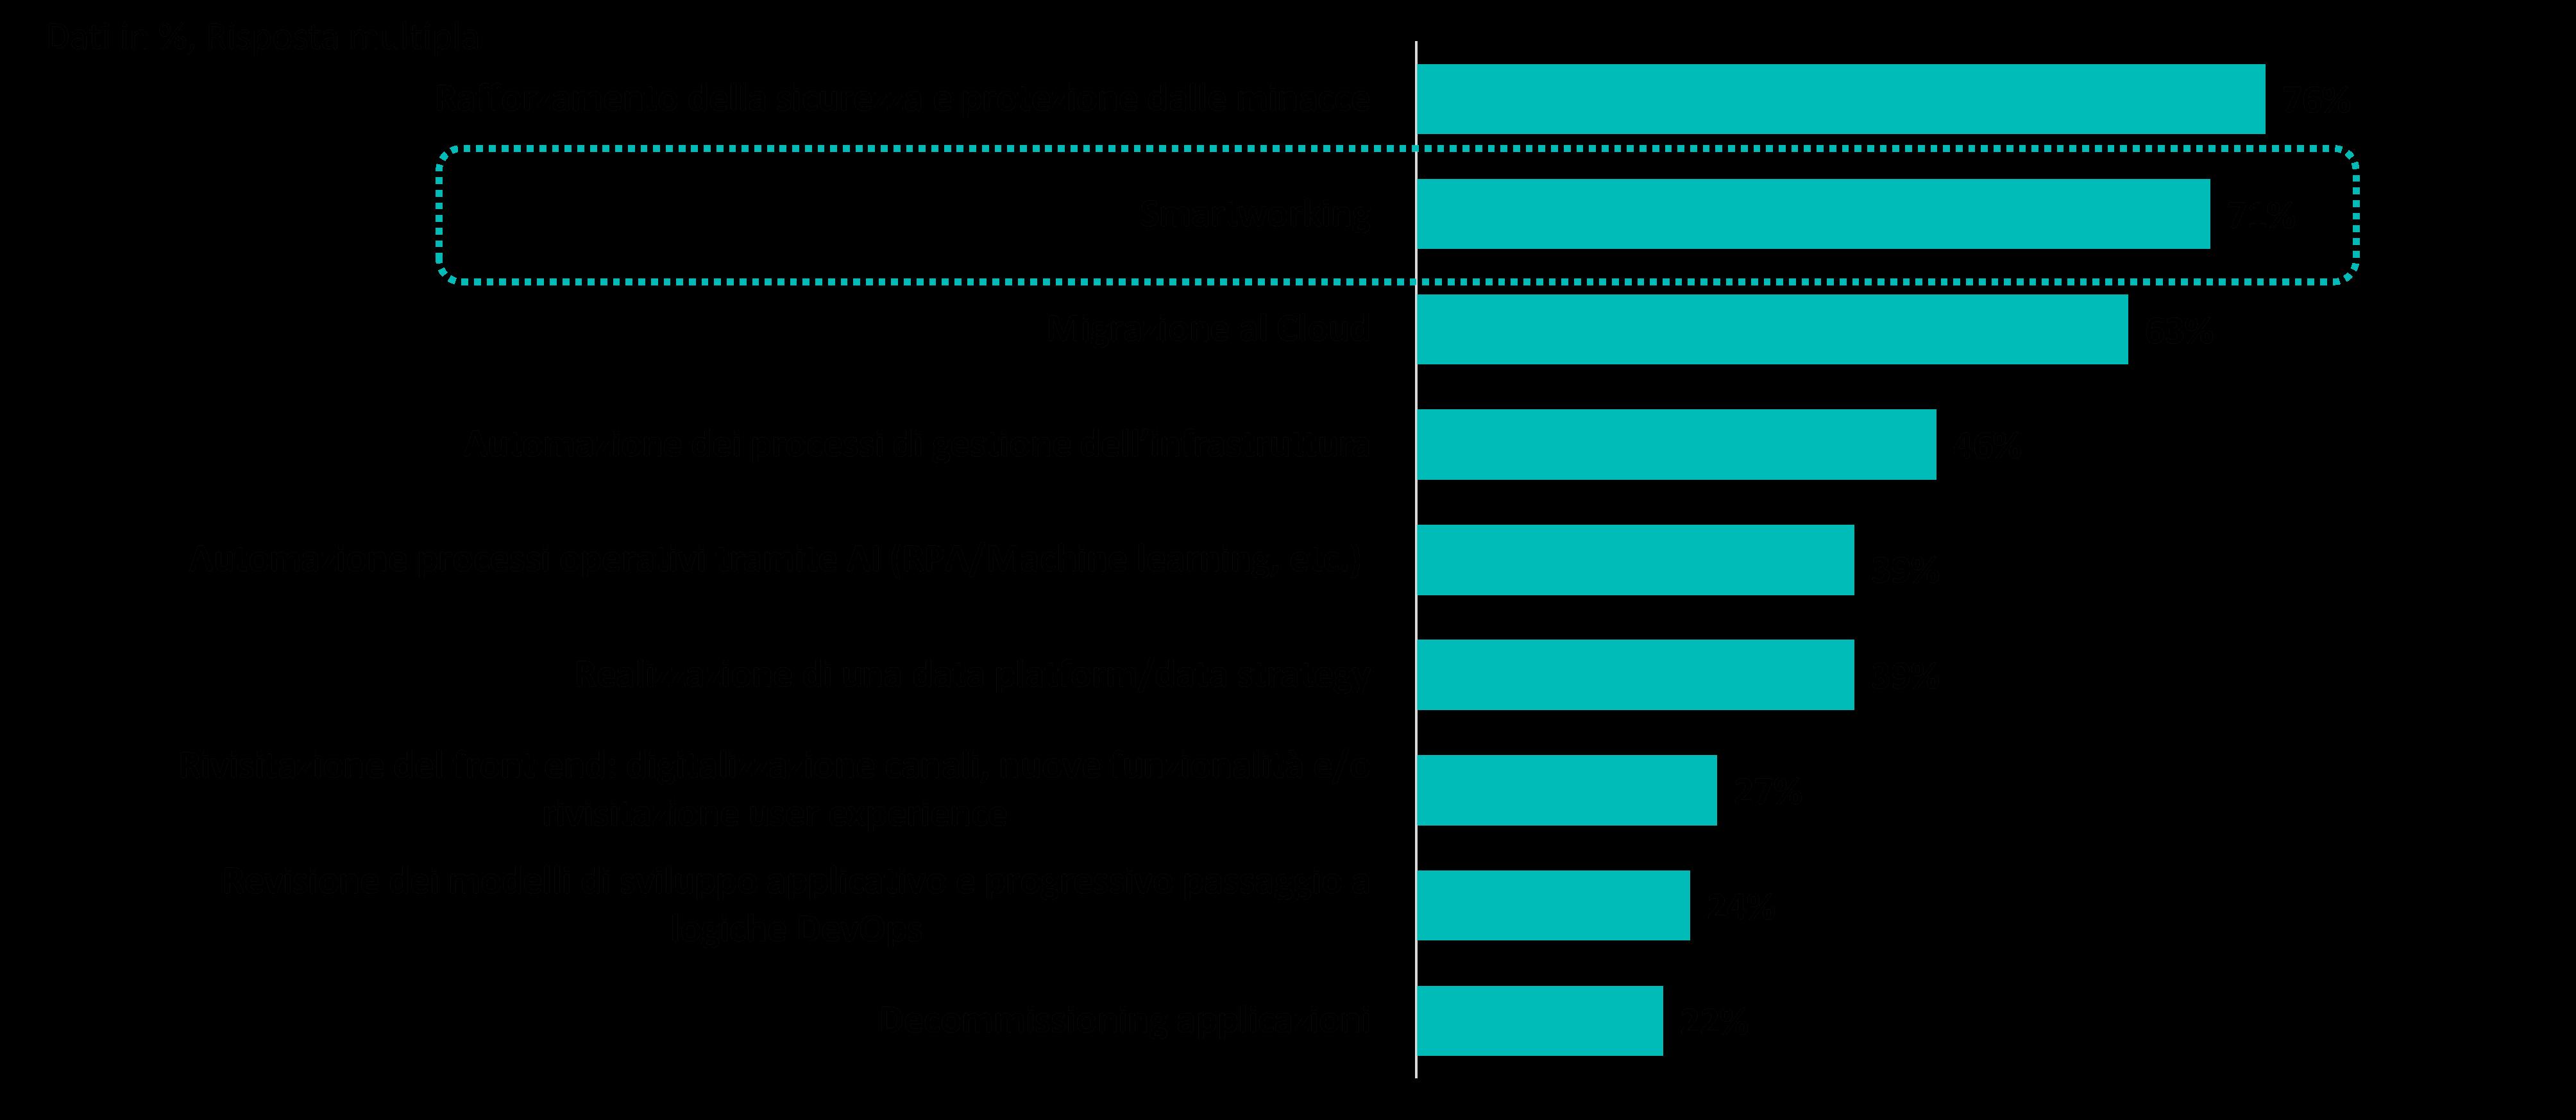 Il Covid-19 ha cambiato priorità IT delle aziende italiane, Fonte - NetConsulting cube 2020